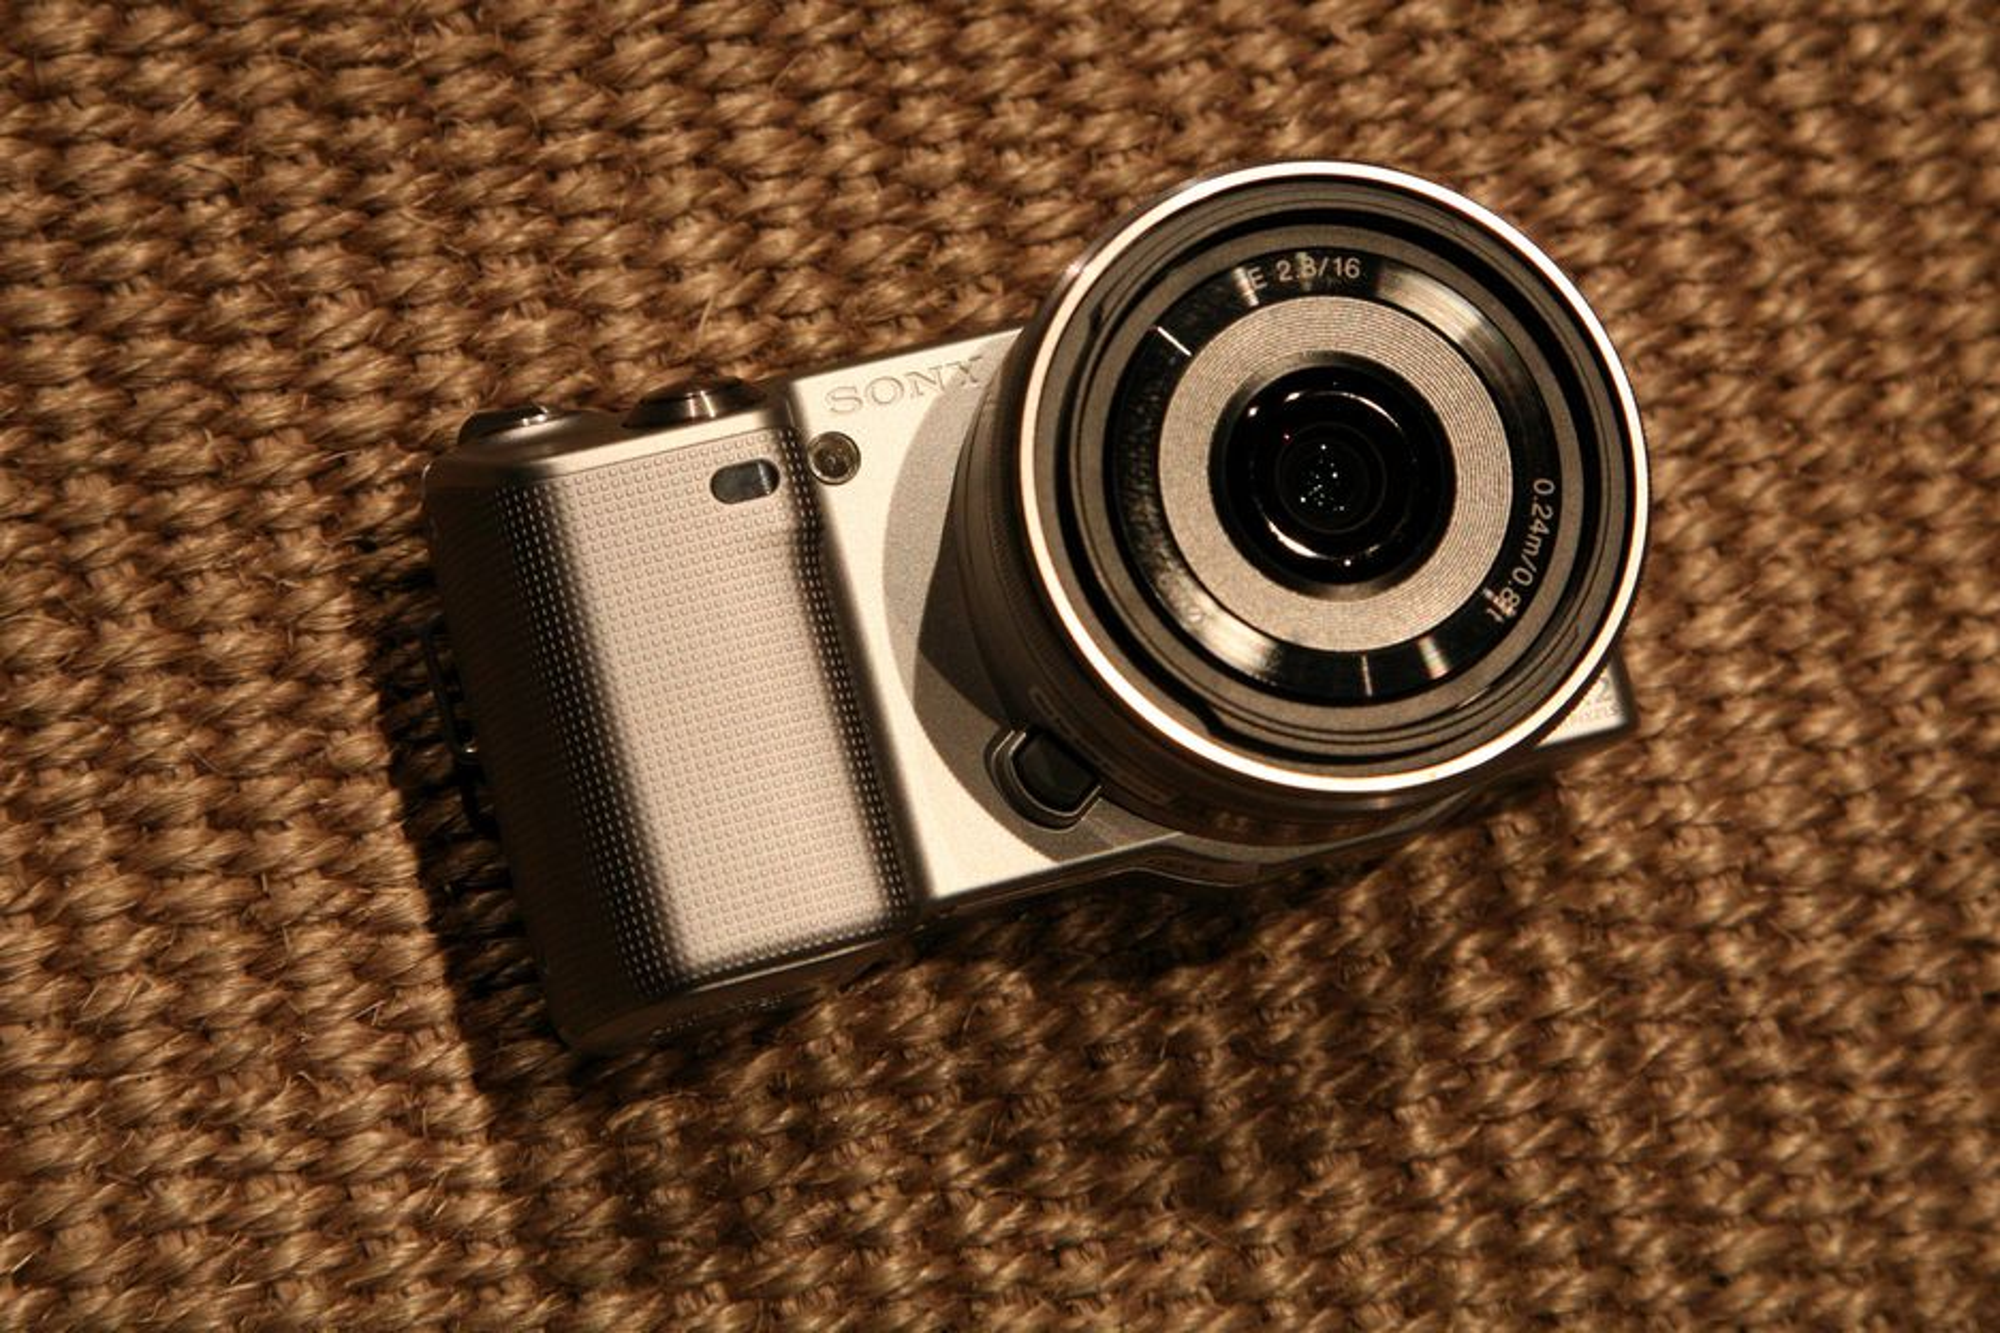 Sony NEX-3 og NEX-5 skal kombinere det beste fra speilrefleks med det beste fra kompaktkameraene, ifølge Sony.